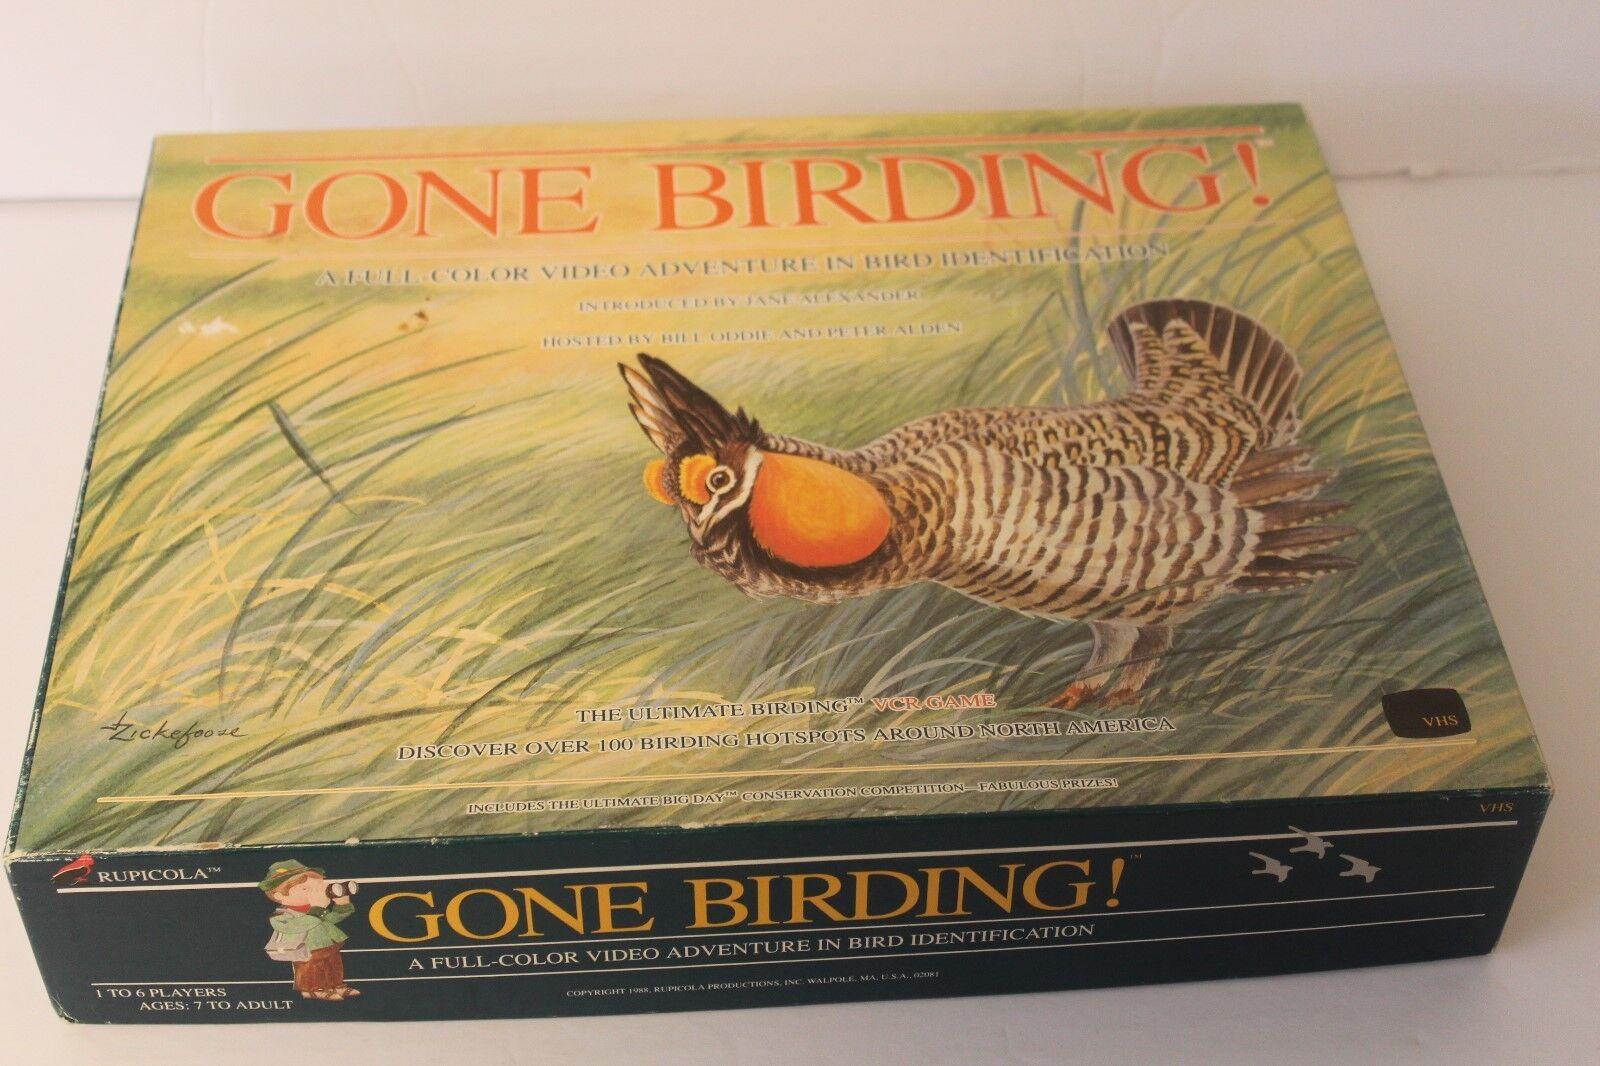 compra en línea hoy Vintage 80s ido Aves Observación Observación Observación De Aves naturaleza VCR VHS Familia Juego De Mesa  envío gratuito a nivel mundial